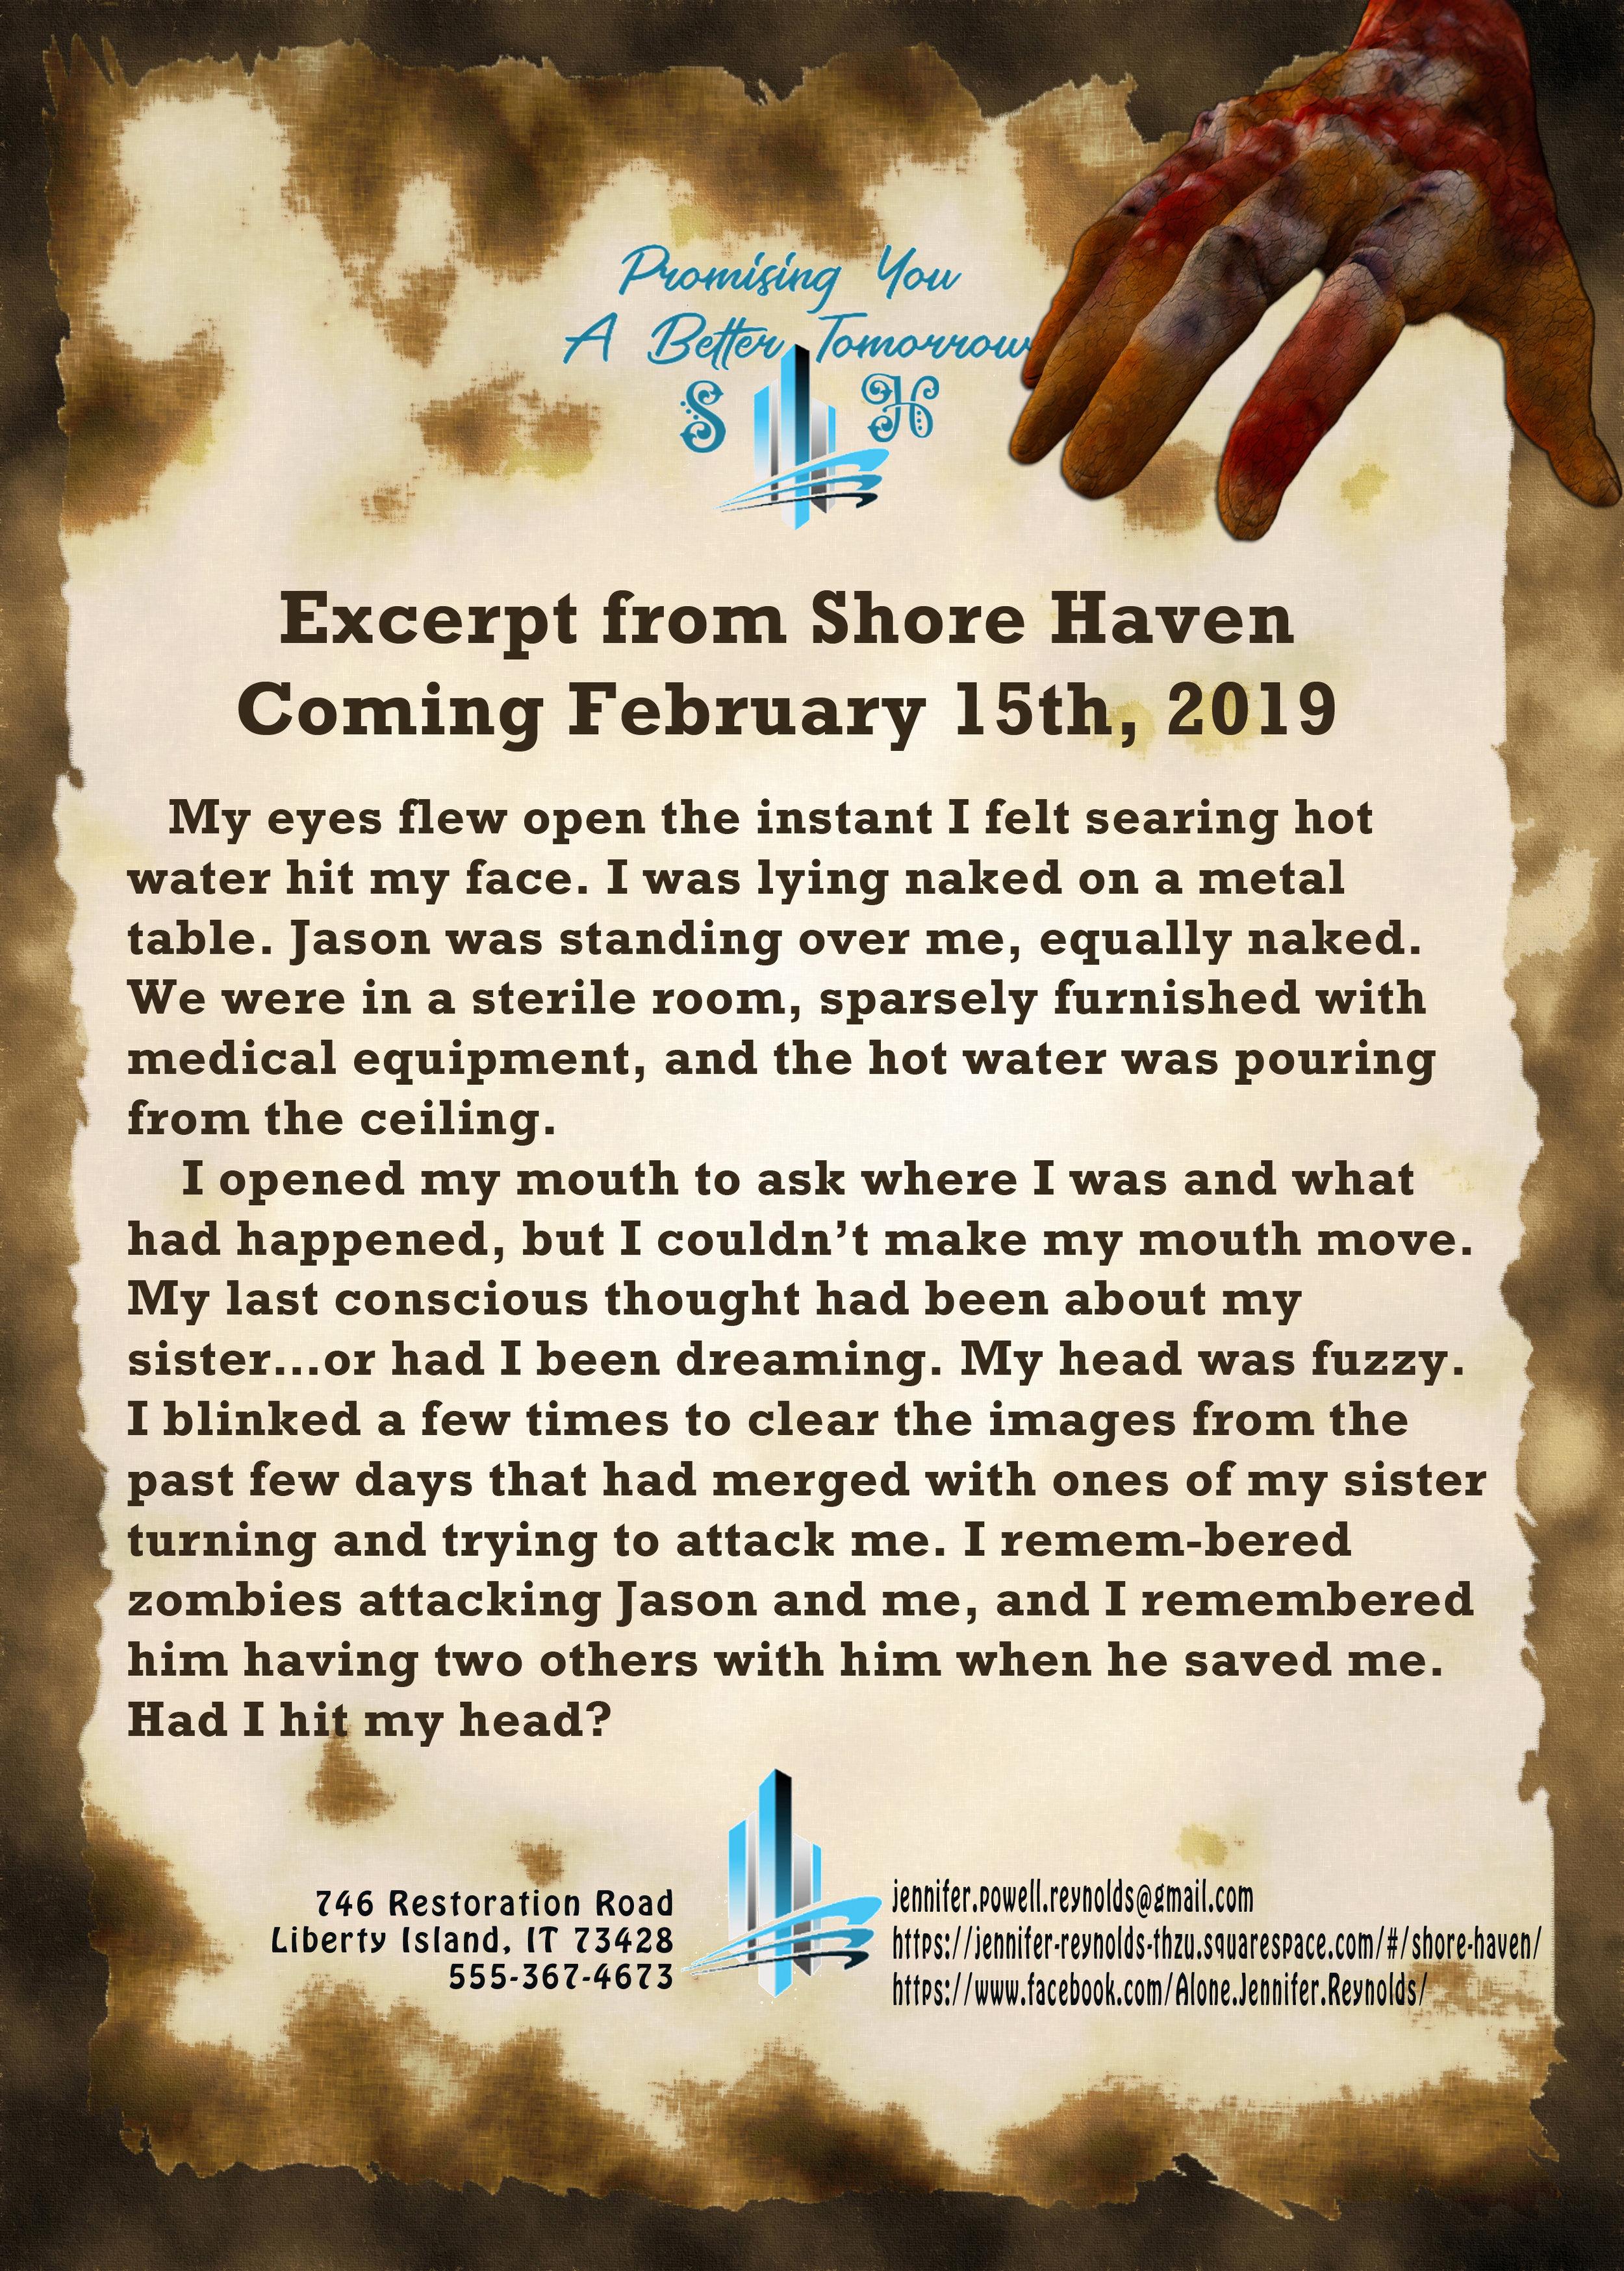 Shore Haven Excerpt 40.jpg